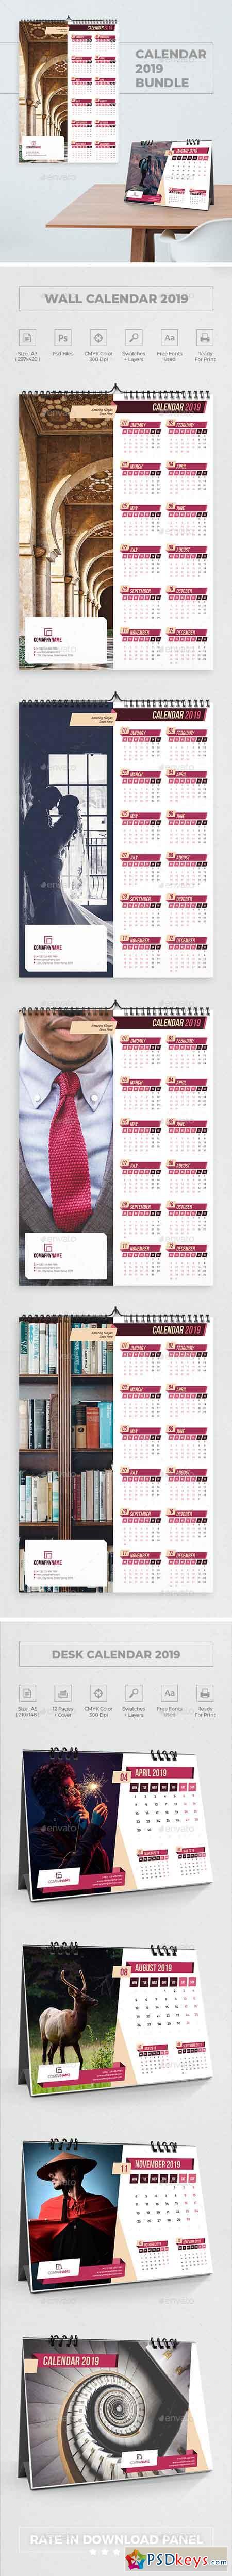 Calendar 2019 Bundle 6 22929965